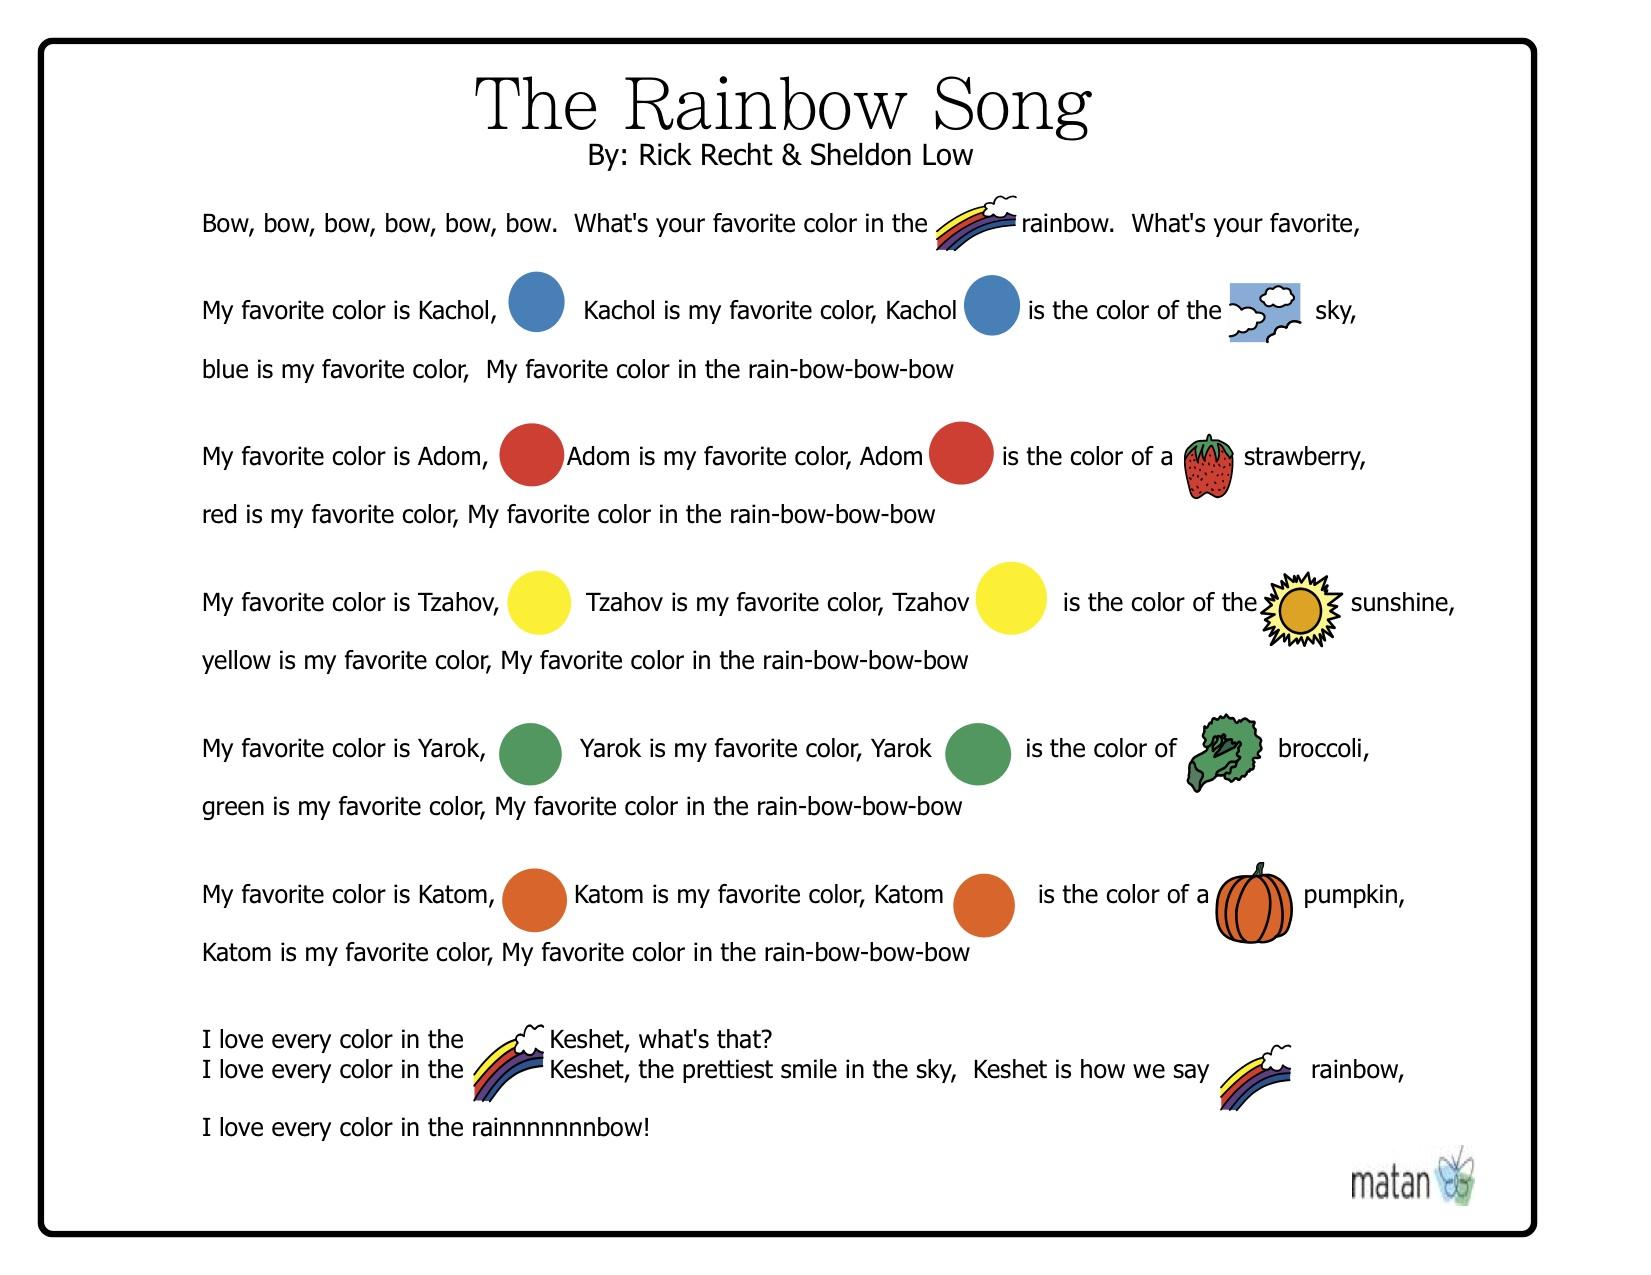 The double rainbow song lyrics